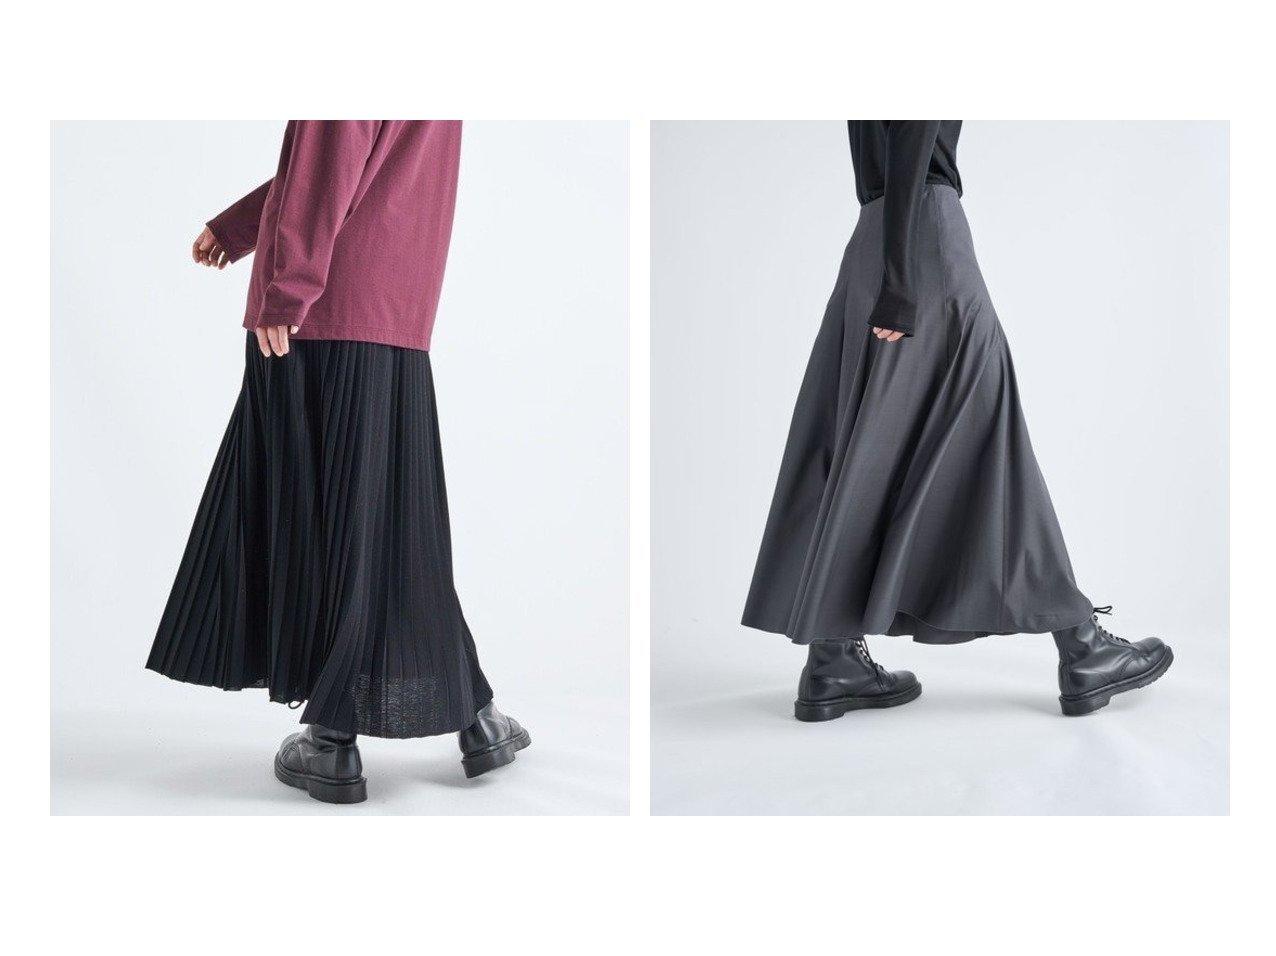 【ATON/エイトン】のフレアスカート&プリーツスカート スカートのおすすめ!人気、レディースファッションの通販 おすすめで人気のファッション通販商品 インテリア・家具・キッズファッション・メンズファッション・レディースファッション・服の通販 founy(ファニー) https://founy.com/ ファッション Fashion レディース WOMEN スカート Skirt プリーツスカート Pleated Skirts Aライン/フレアスカート Flared A-Line Skirts プリーツ コルセット シルク チェック フレア |ID:crp329100000001494